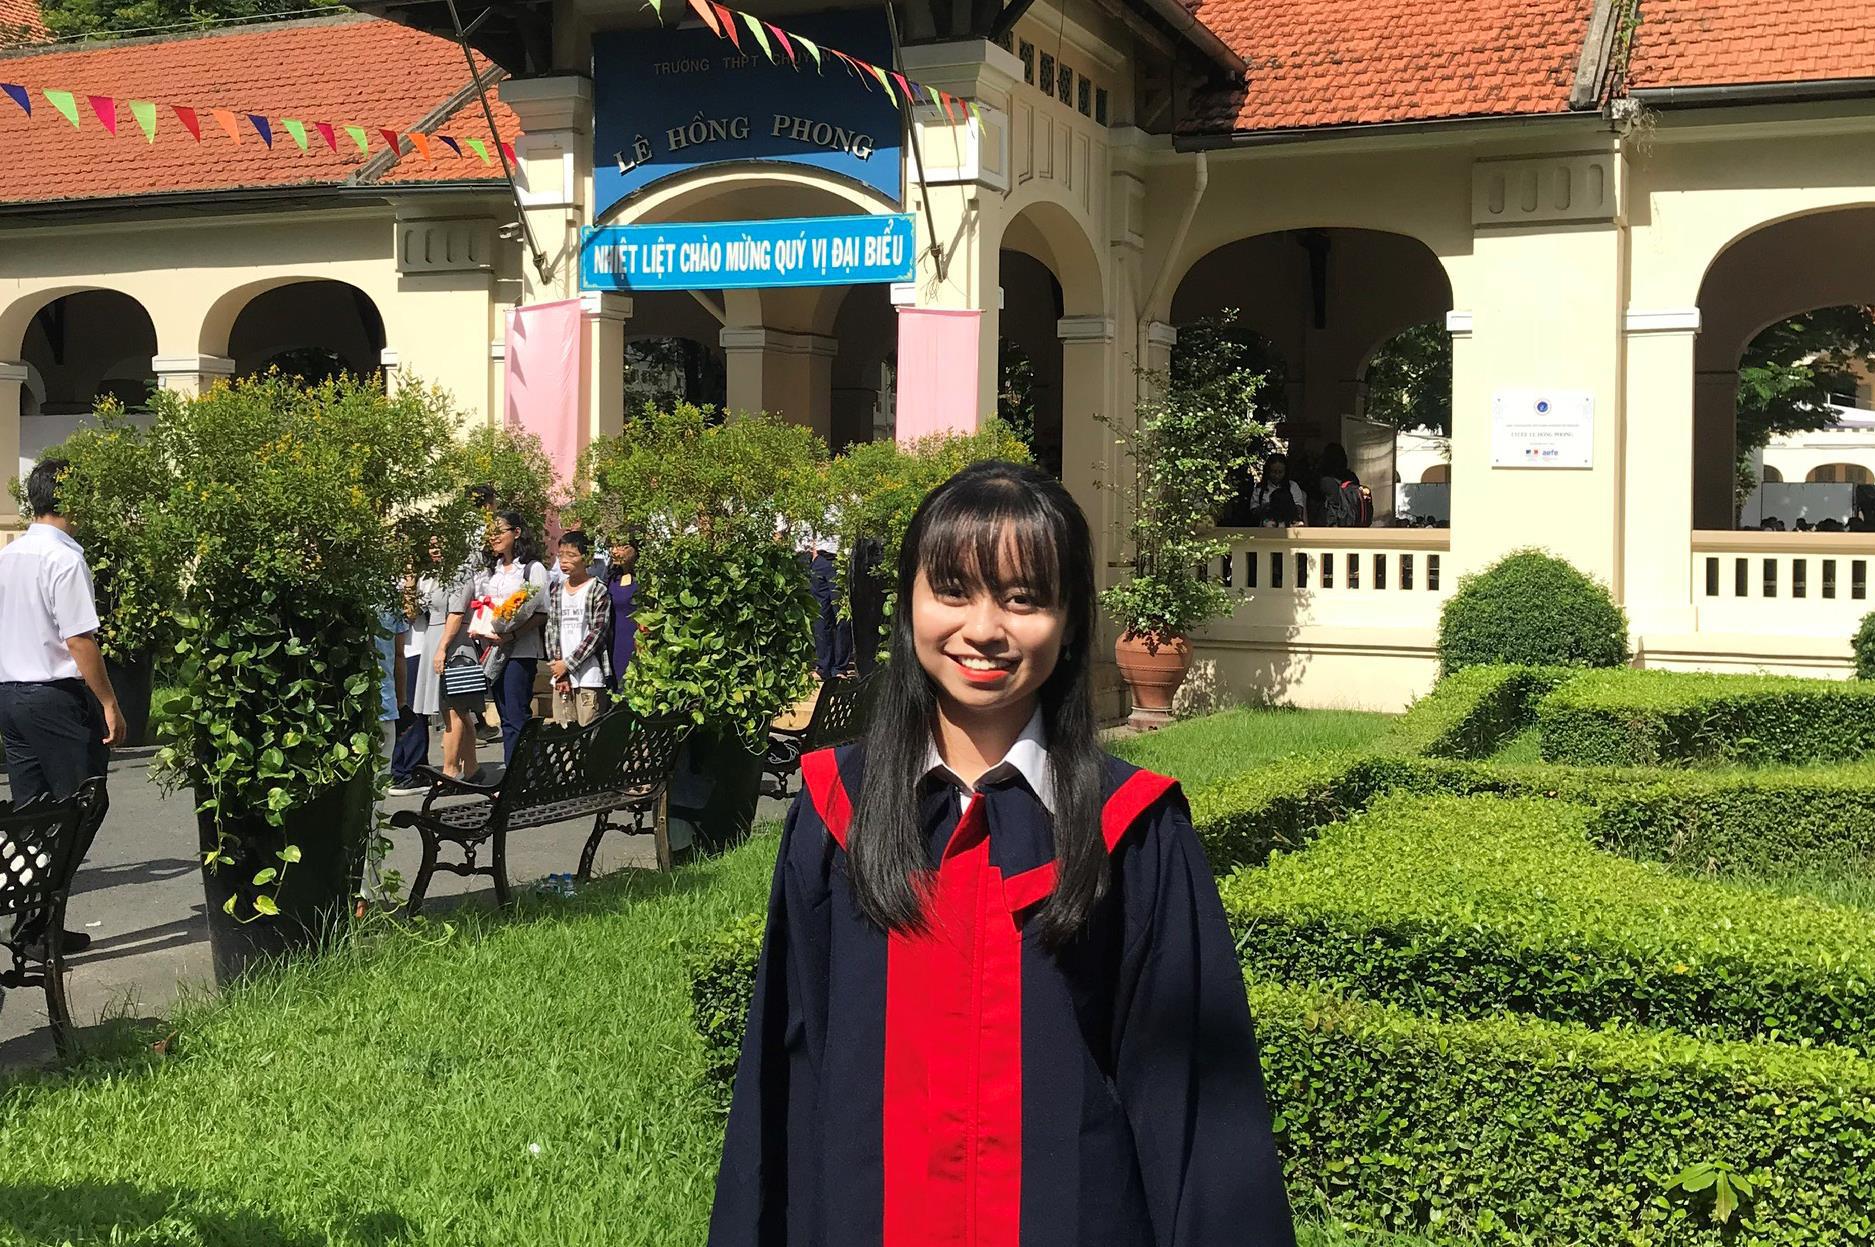 Nữ sinh viên Việt Nam đầu tiên giành học bổng 100% từ Đại học La Trobe Úc - Ảnh 1.